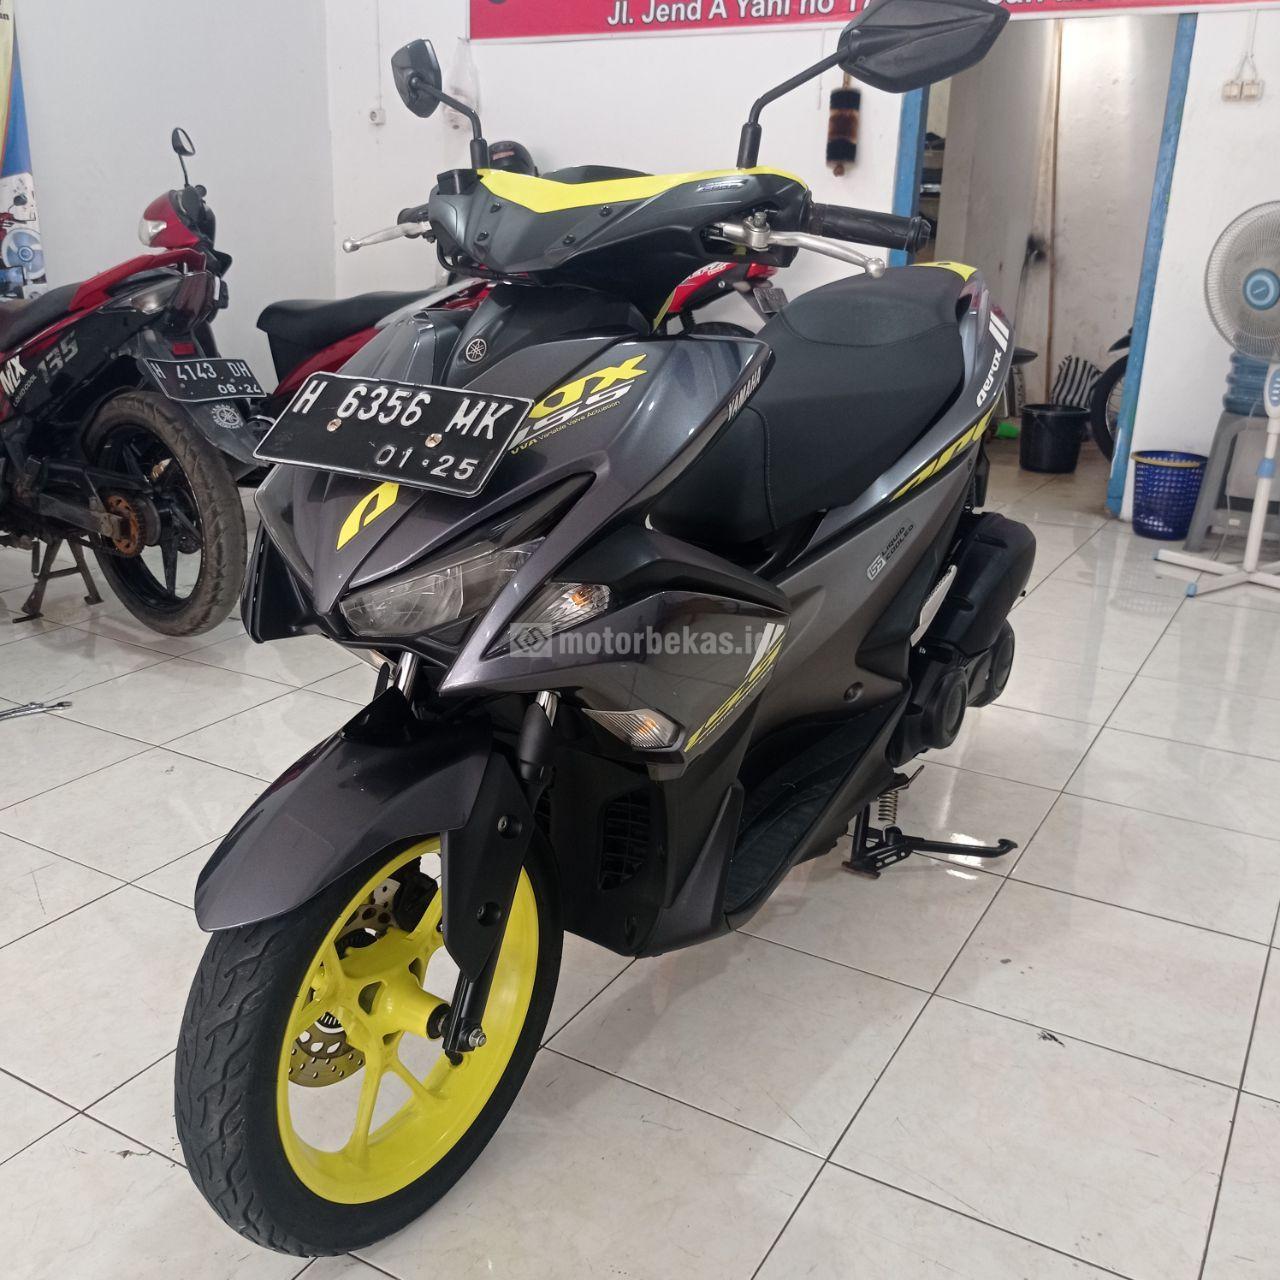 YAMAHA AEROX 155  770 motorbekas.id